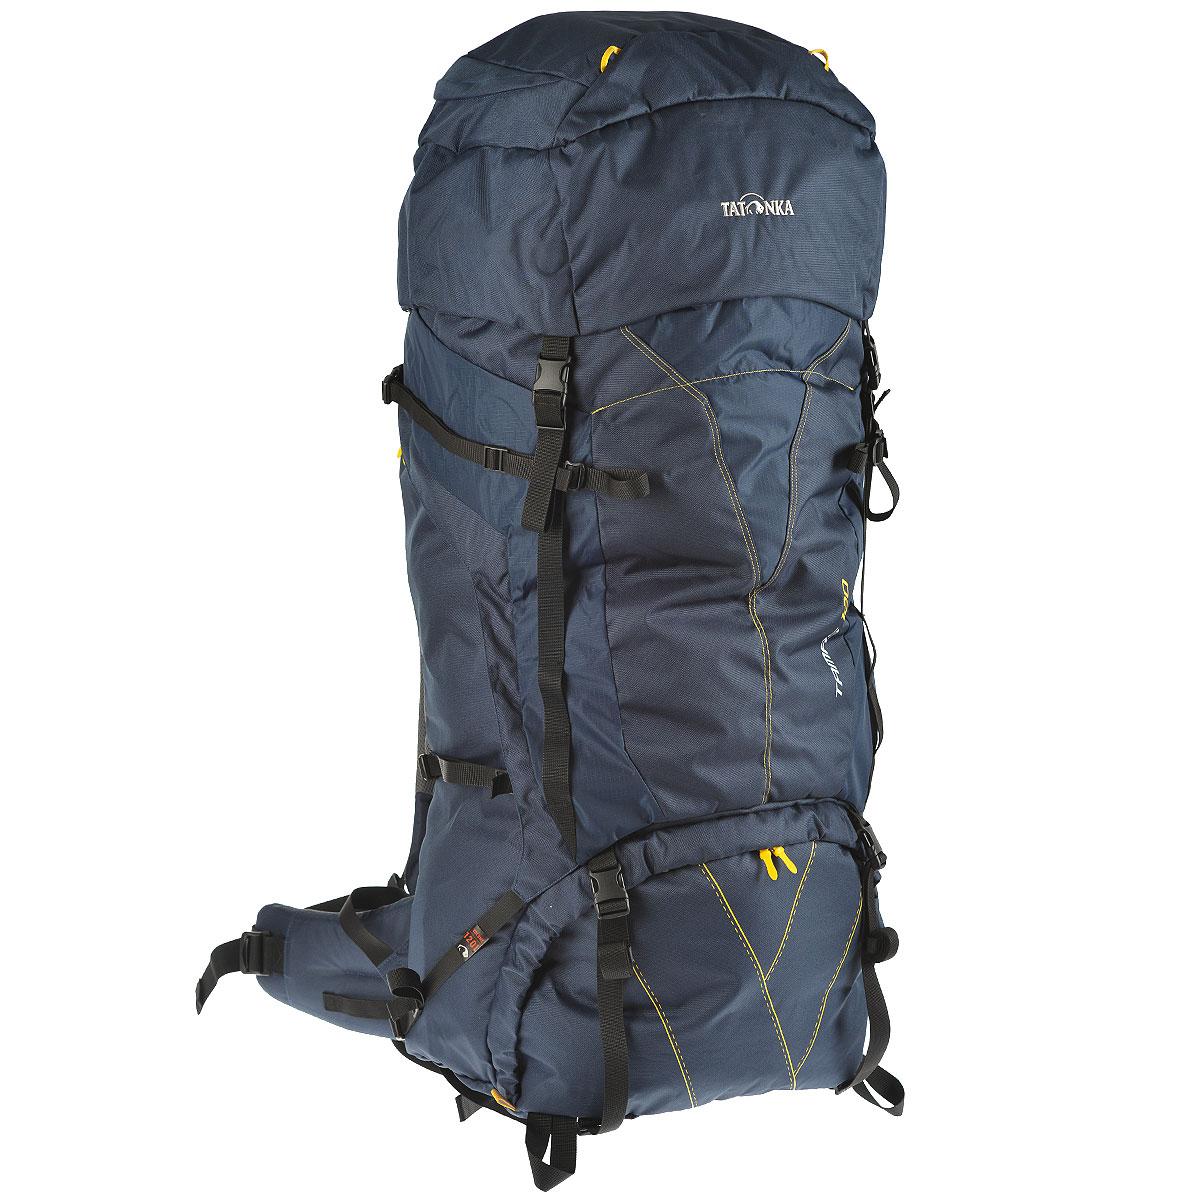 Рюкзак туристический Tatonka Tamas 120, цвет: темно-синий, 120 л6028.004Вместительный рюкзак Tatonka Tamas 120 - это отличный выбор для походов на байдарках - алюминиевые шины легко вытаскиваются из спины рюкзака и рюкзак можно компактно сложить и убрать в лодку.Преимущества и особенности Система переноски: Y1Широкий поясной ременьЛямки регулируются по высоте, длине и плотности прилегания к рюкзакуКрышка рюкзака регулируется по высоте.